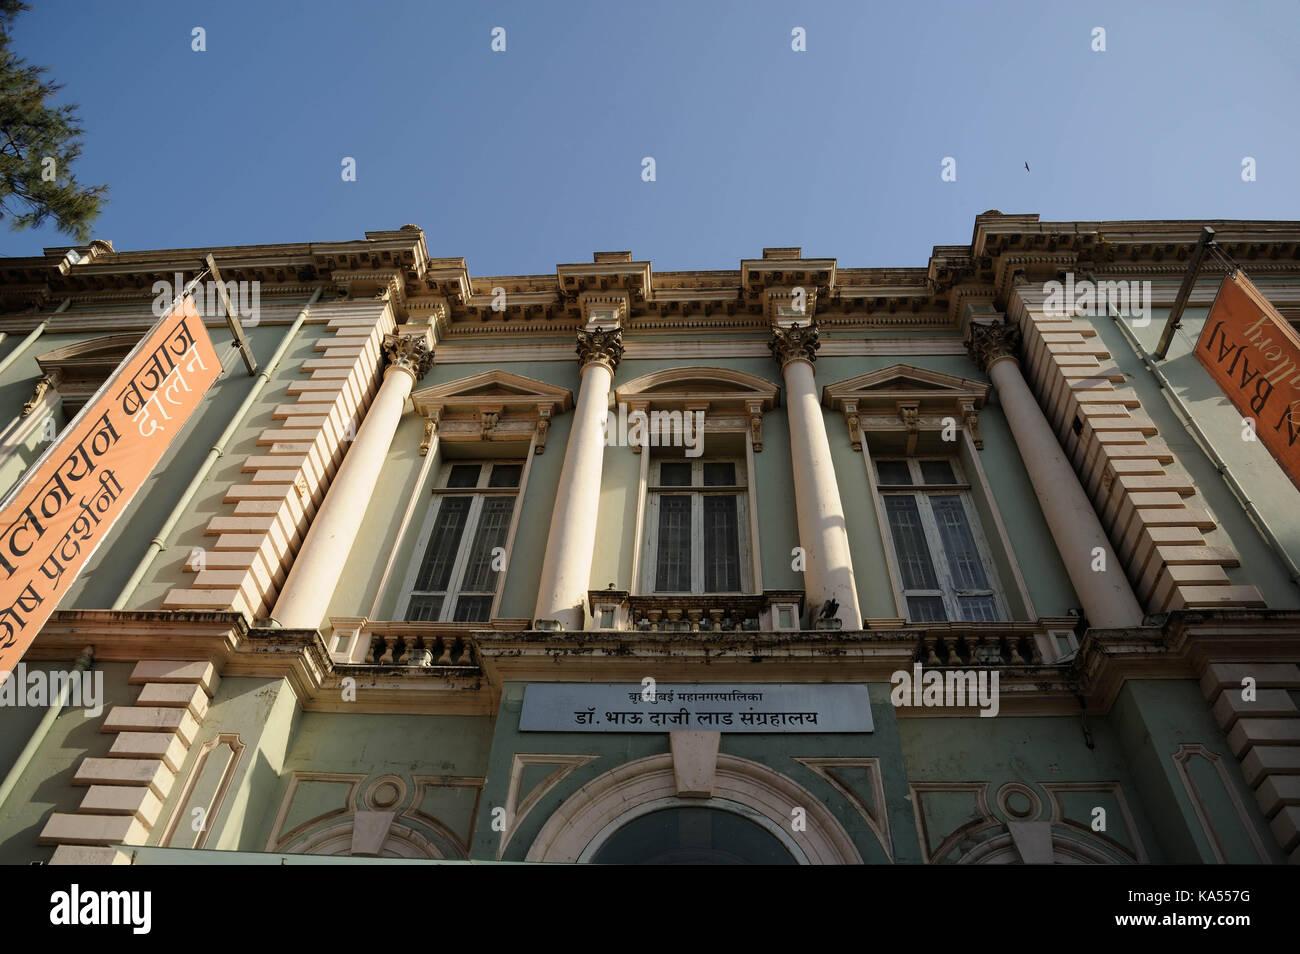 Dr Bhau Daji Lad Museum, Byculla, mumbai, maharashtra, India, Asia - Stock Image